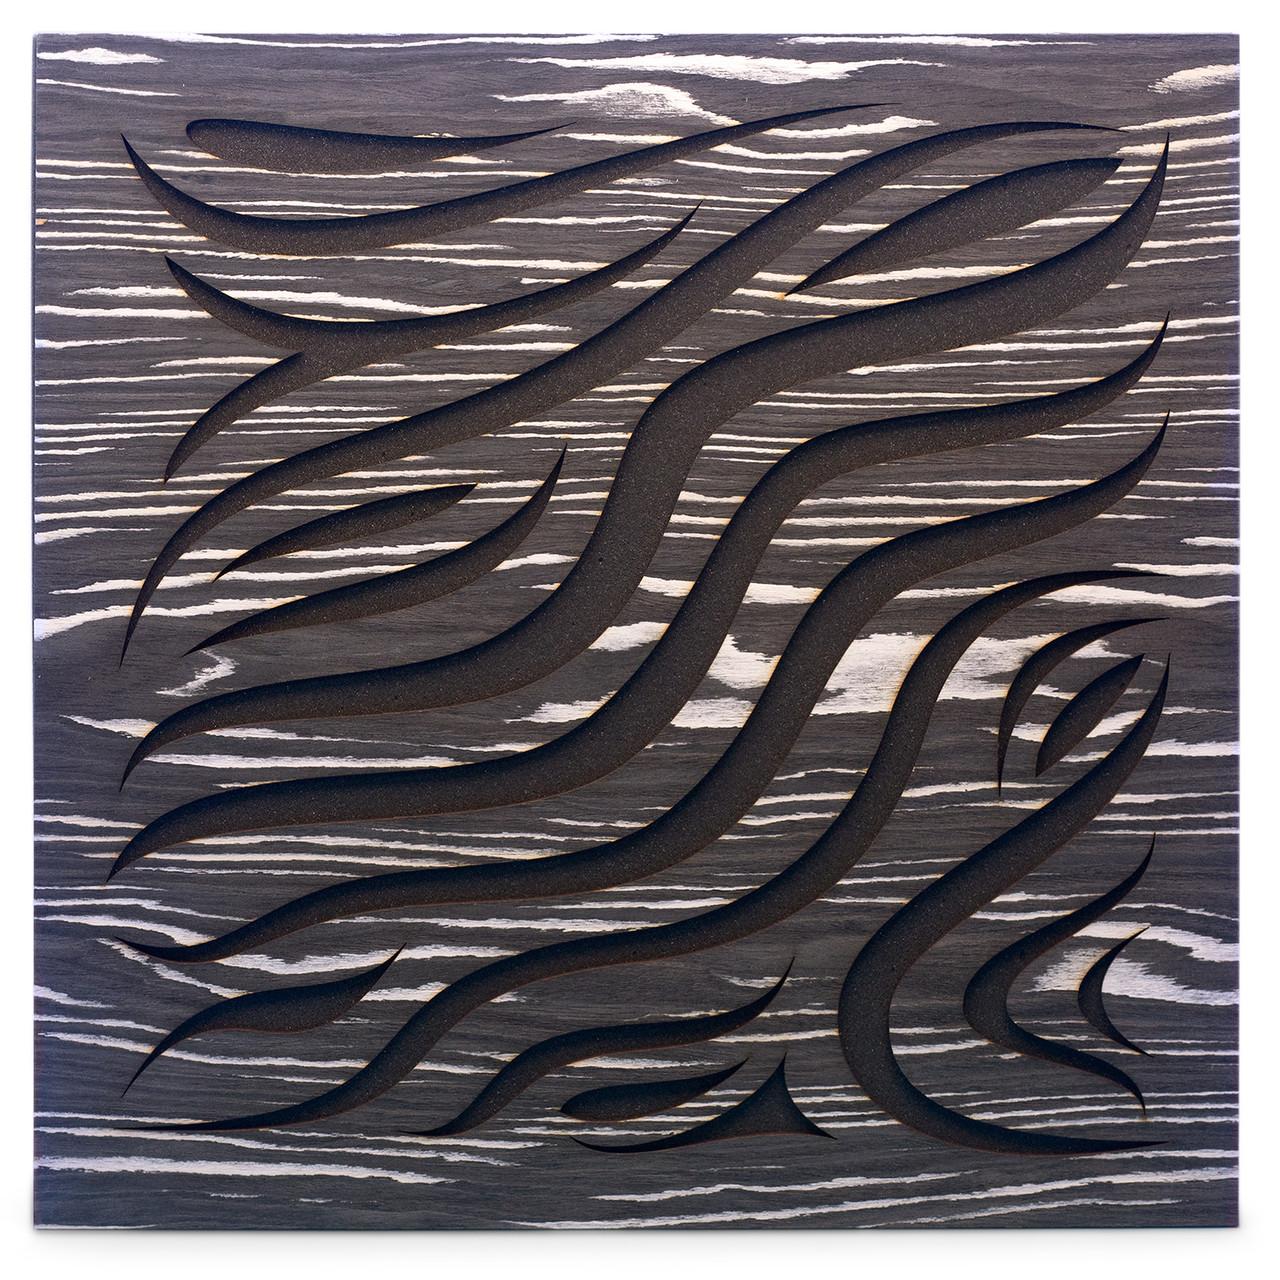 Акустическая панель Ecosound Chimera Ebony&Ivory 50x50см 73мм цвет черно-белый